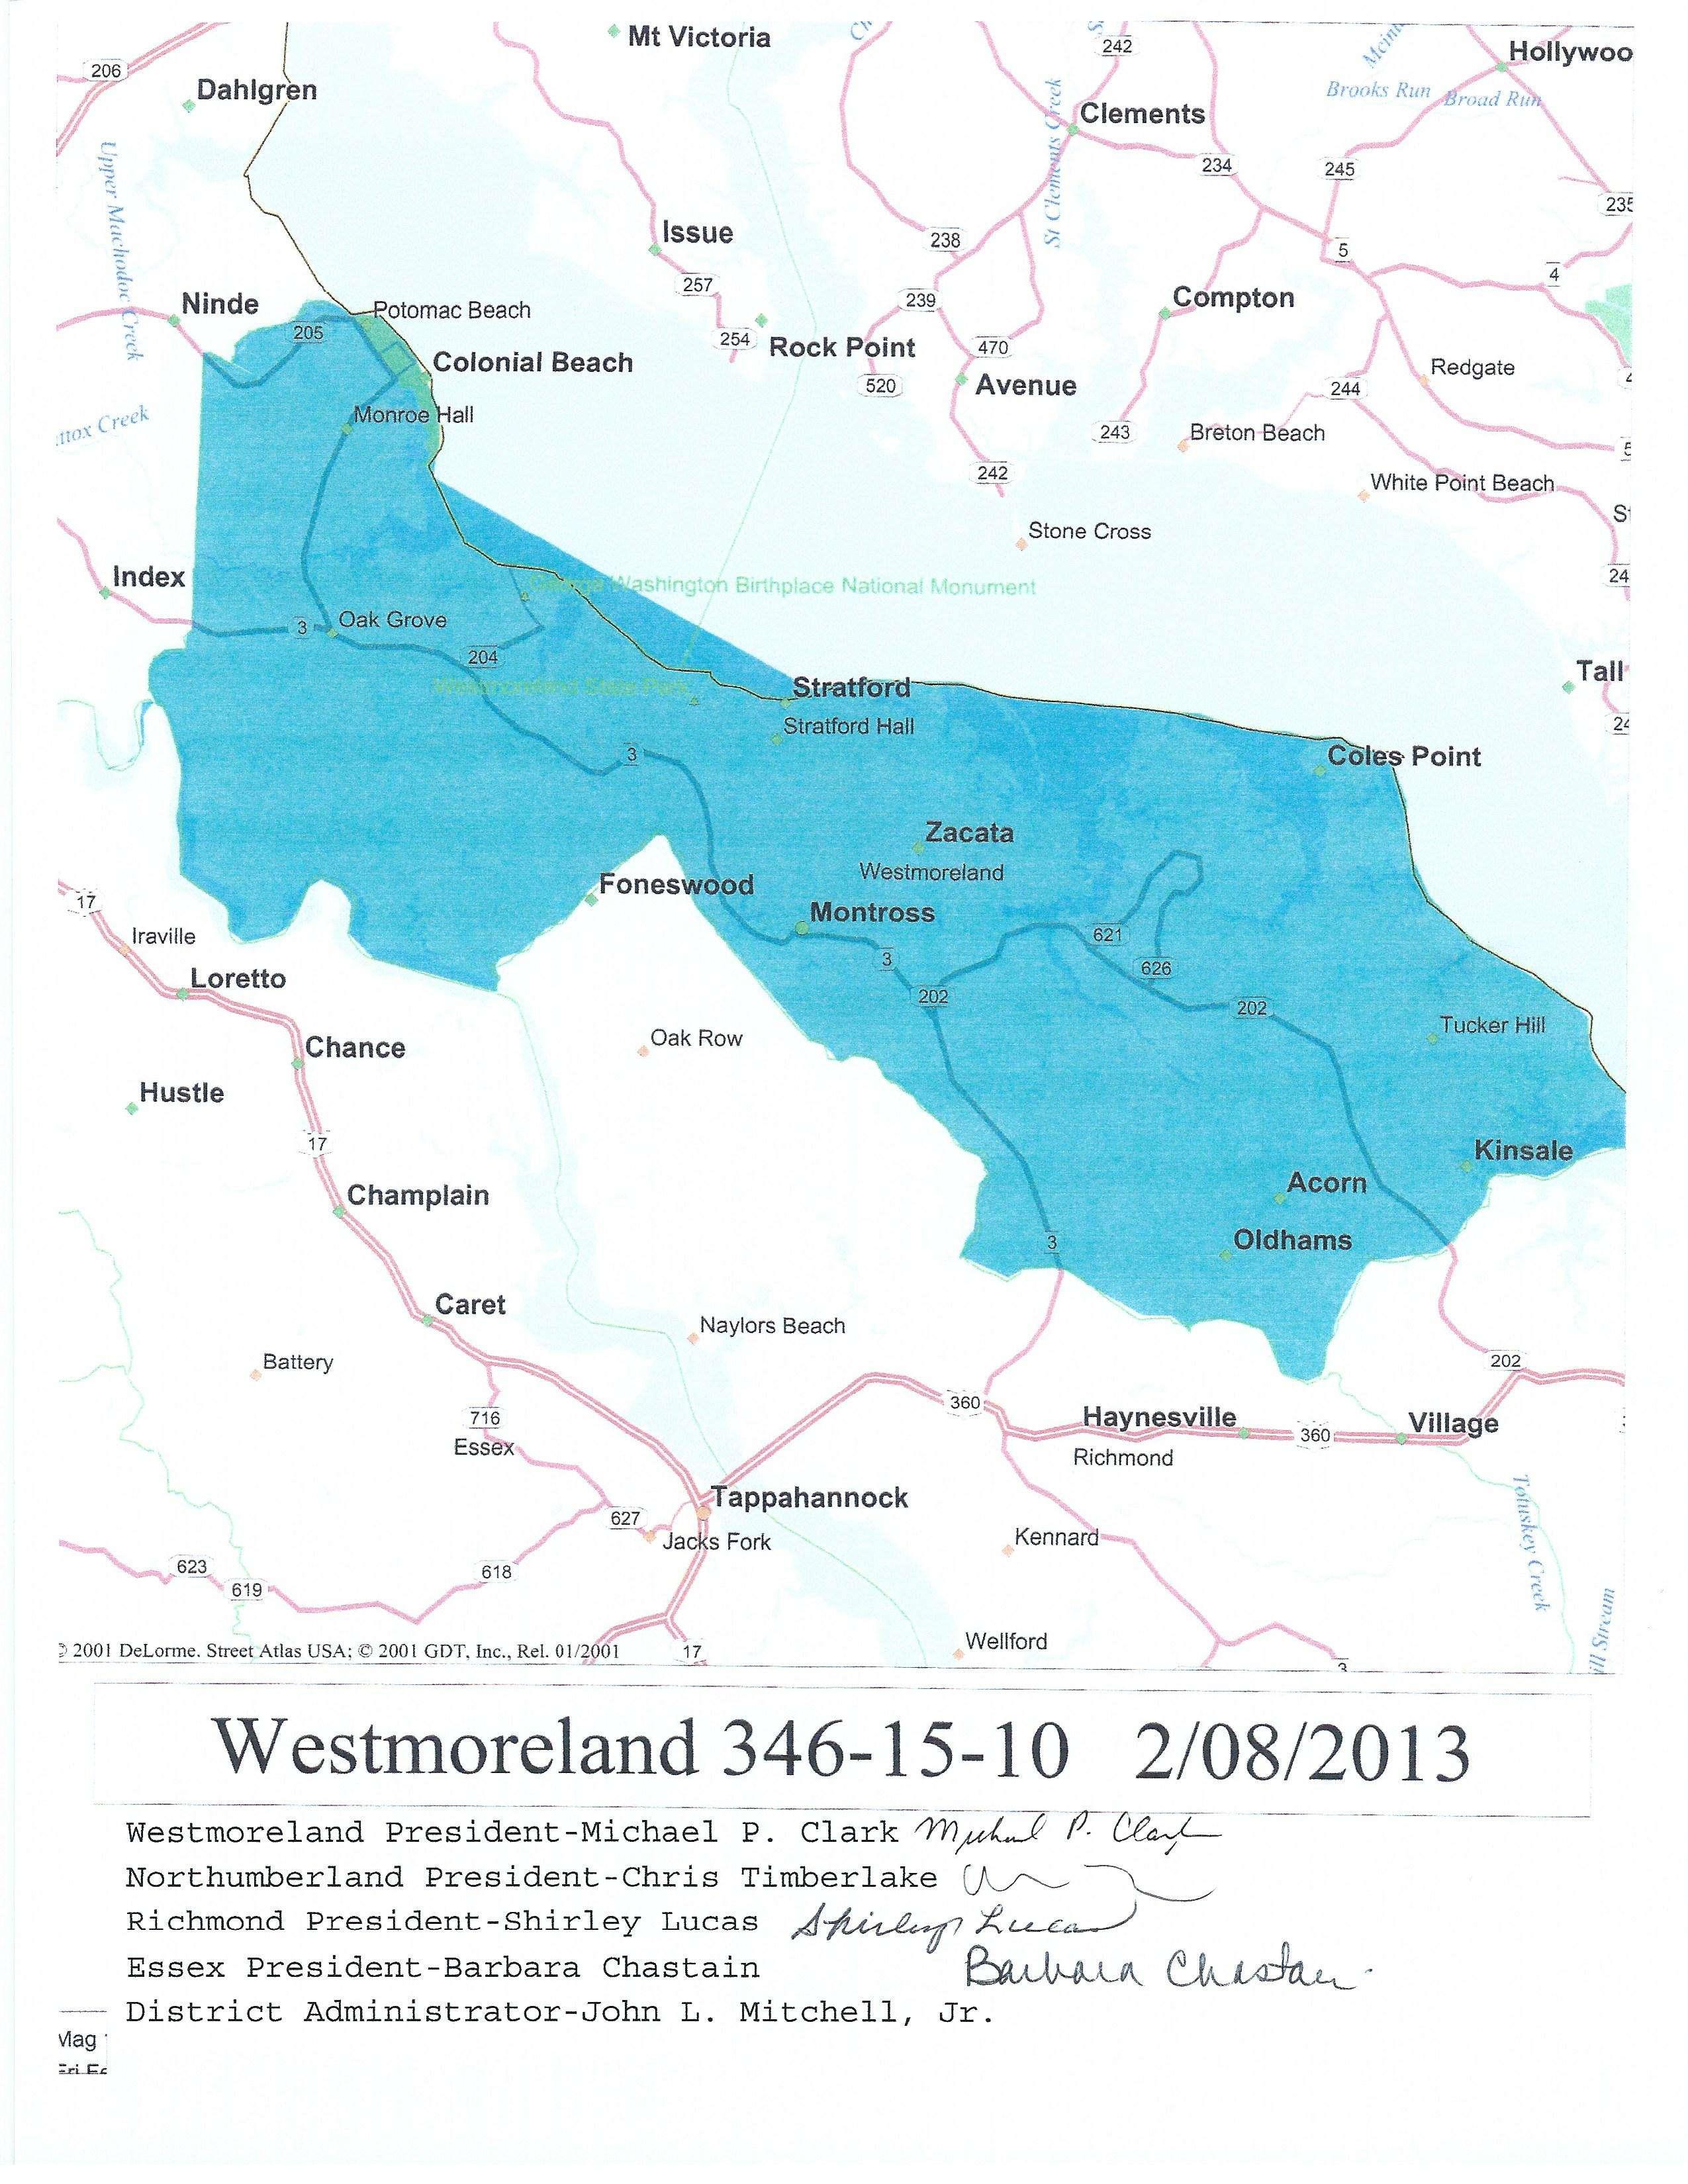 2013 Westmoreland.jpg